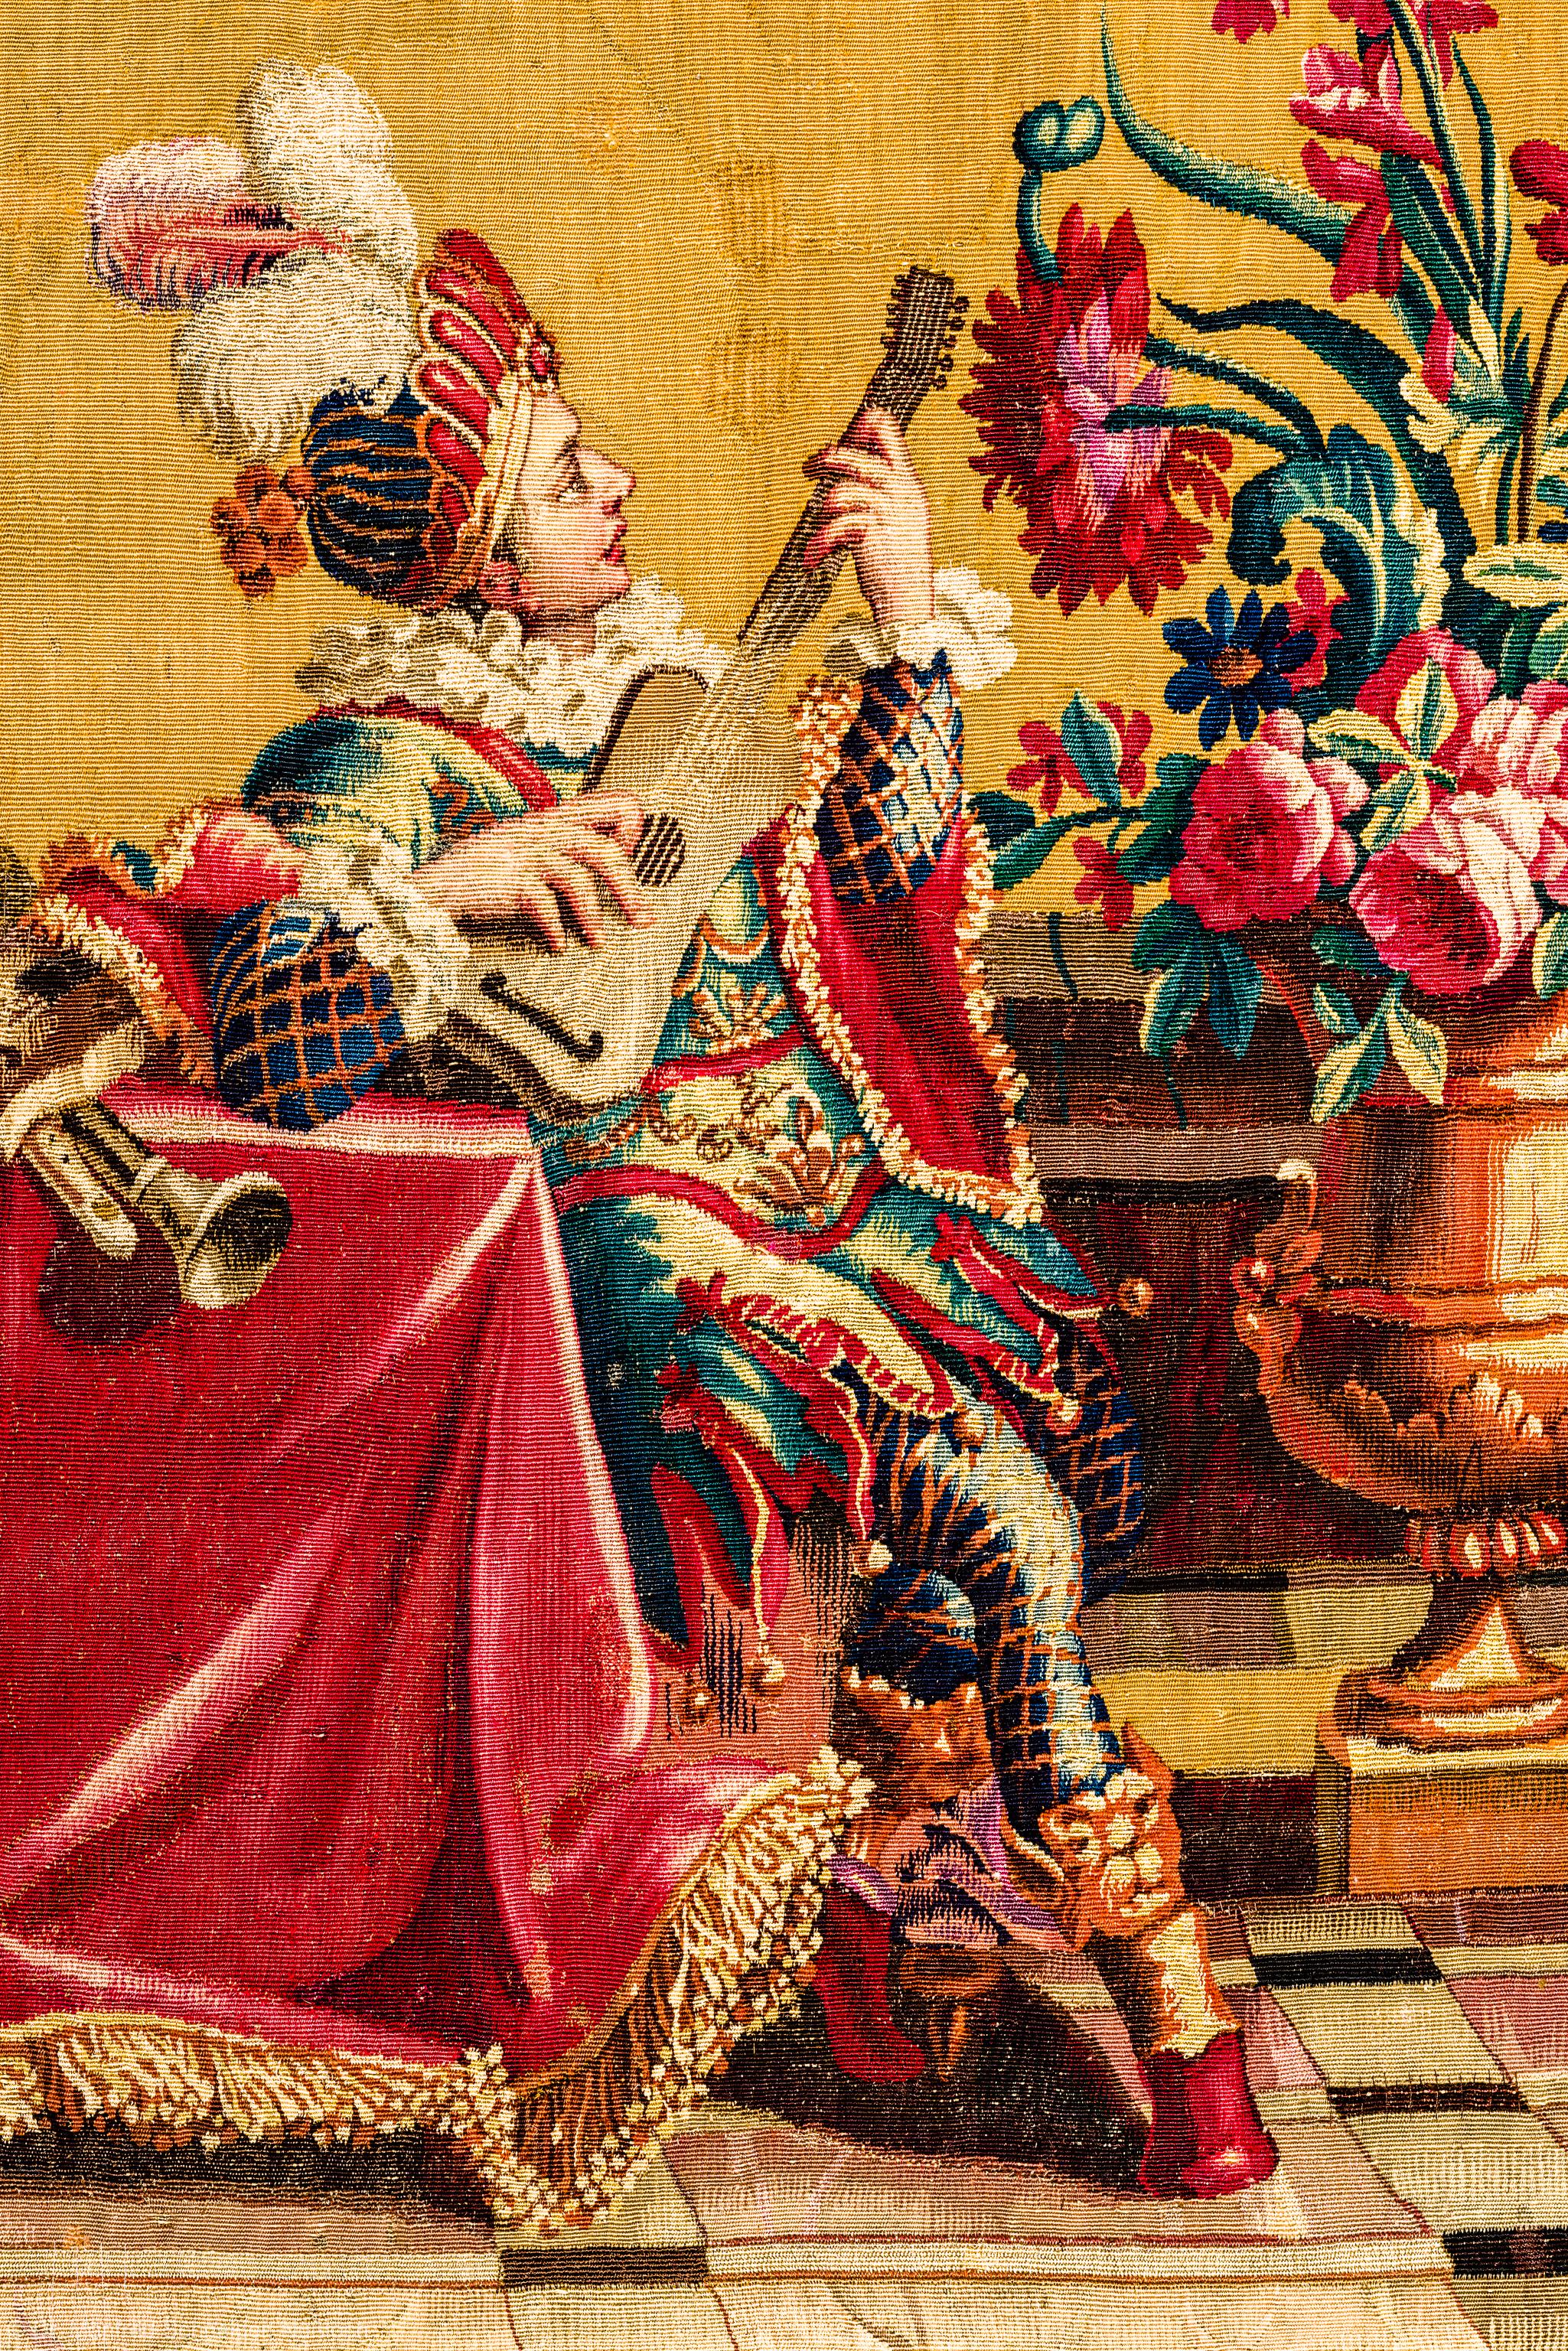 """Schloss Bruchsal - Hauptbau / Corps de Logis - Von innen - Beletage - Jagdzimmer - Nördliche Wand, Westseite - Ausschnitt aus der Tapisserie """"Musikanten"""" aus der """"Groteskenserie"""" (Inv.Nr. G 104; Höhe x Breite: 335 cm x 205 cm; hergestellt in der Werkstatt von Philippe Behagle (Vater oder Sohn) in Beauvais zwischen 1685 und 1719; Entwürfe von Jean-Baptiste Monnoyer, Guy-Louis de Vernansal, Jean-Baptiste B(e)lin de Fontenay; restauriert 1960 und nach 2007) (aufgenommen im Februar 2021, am Nachmittag)"""